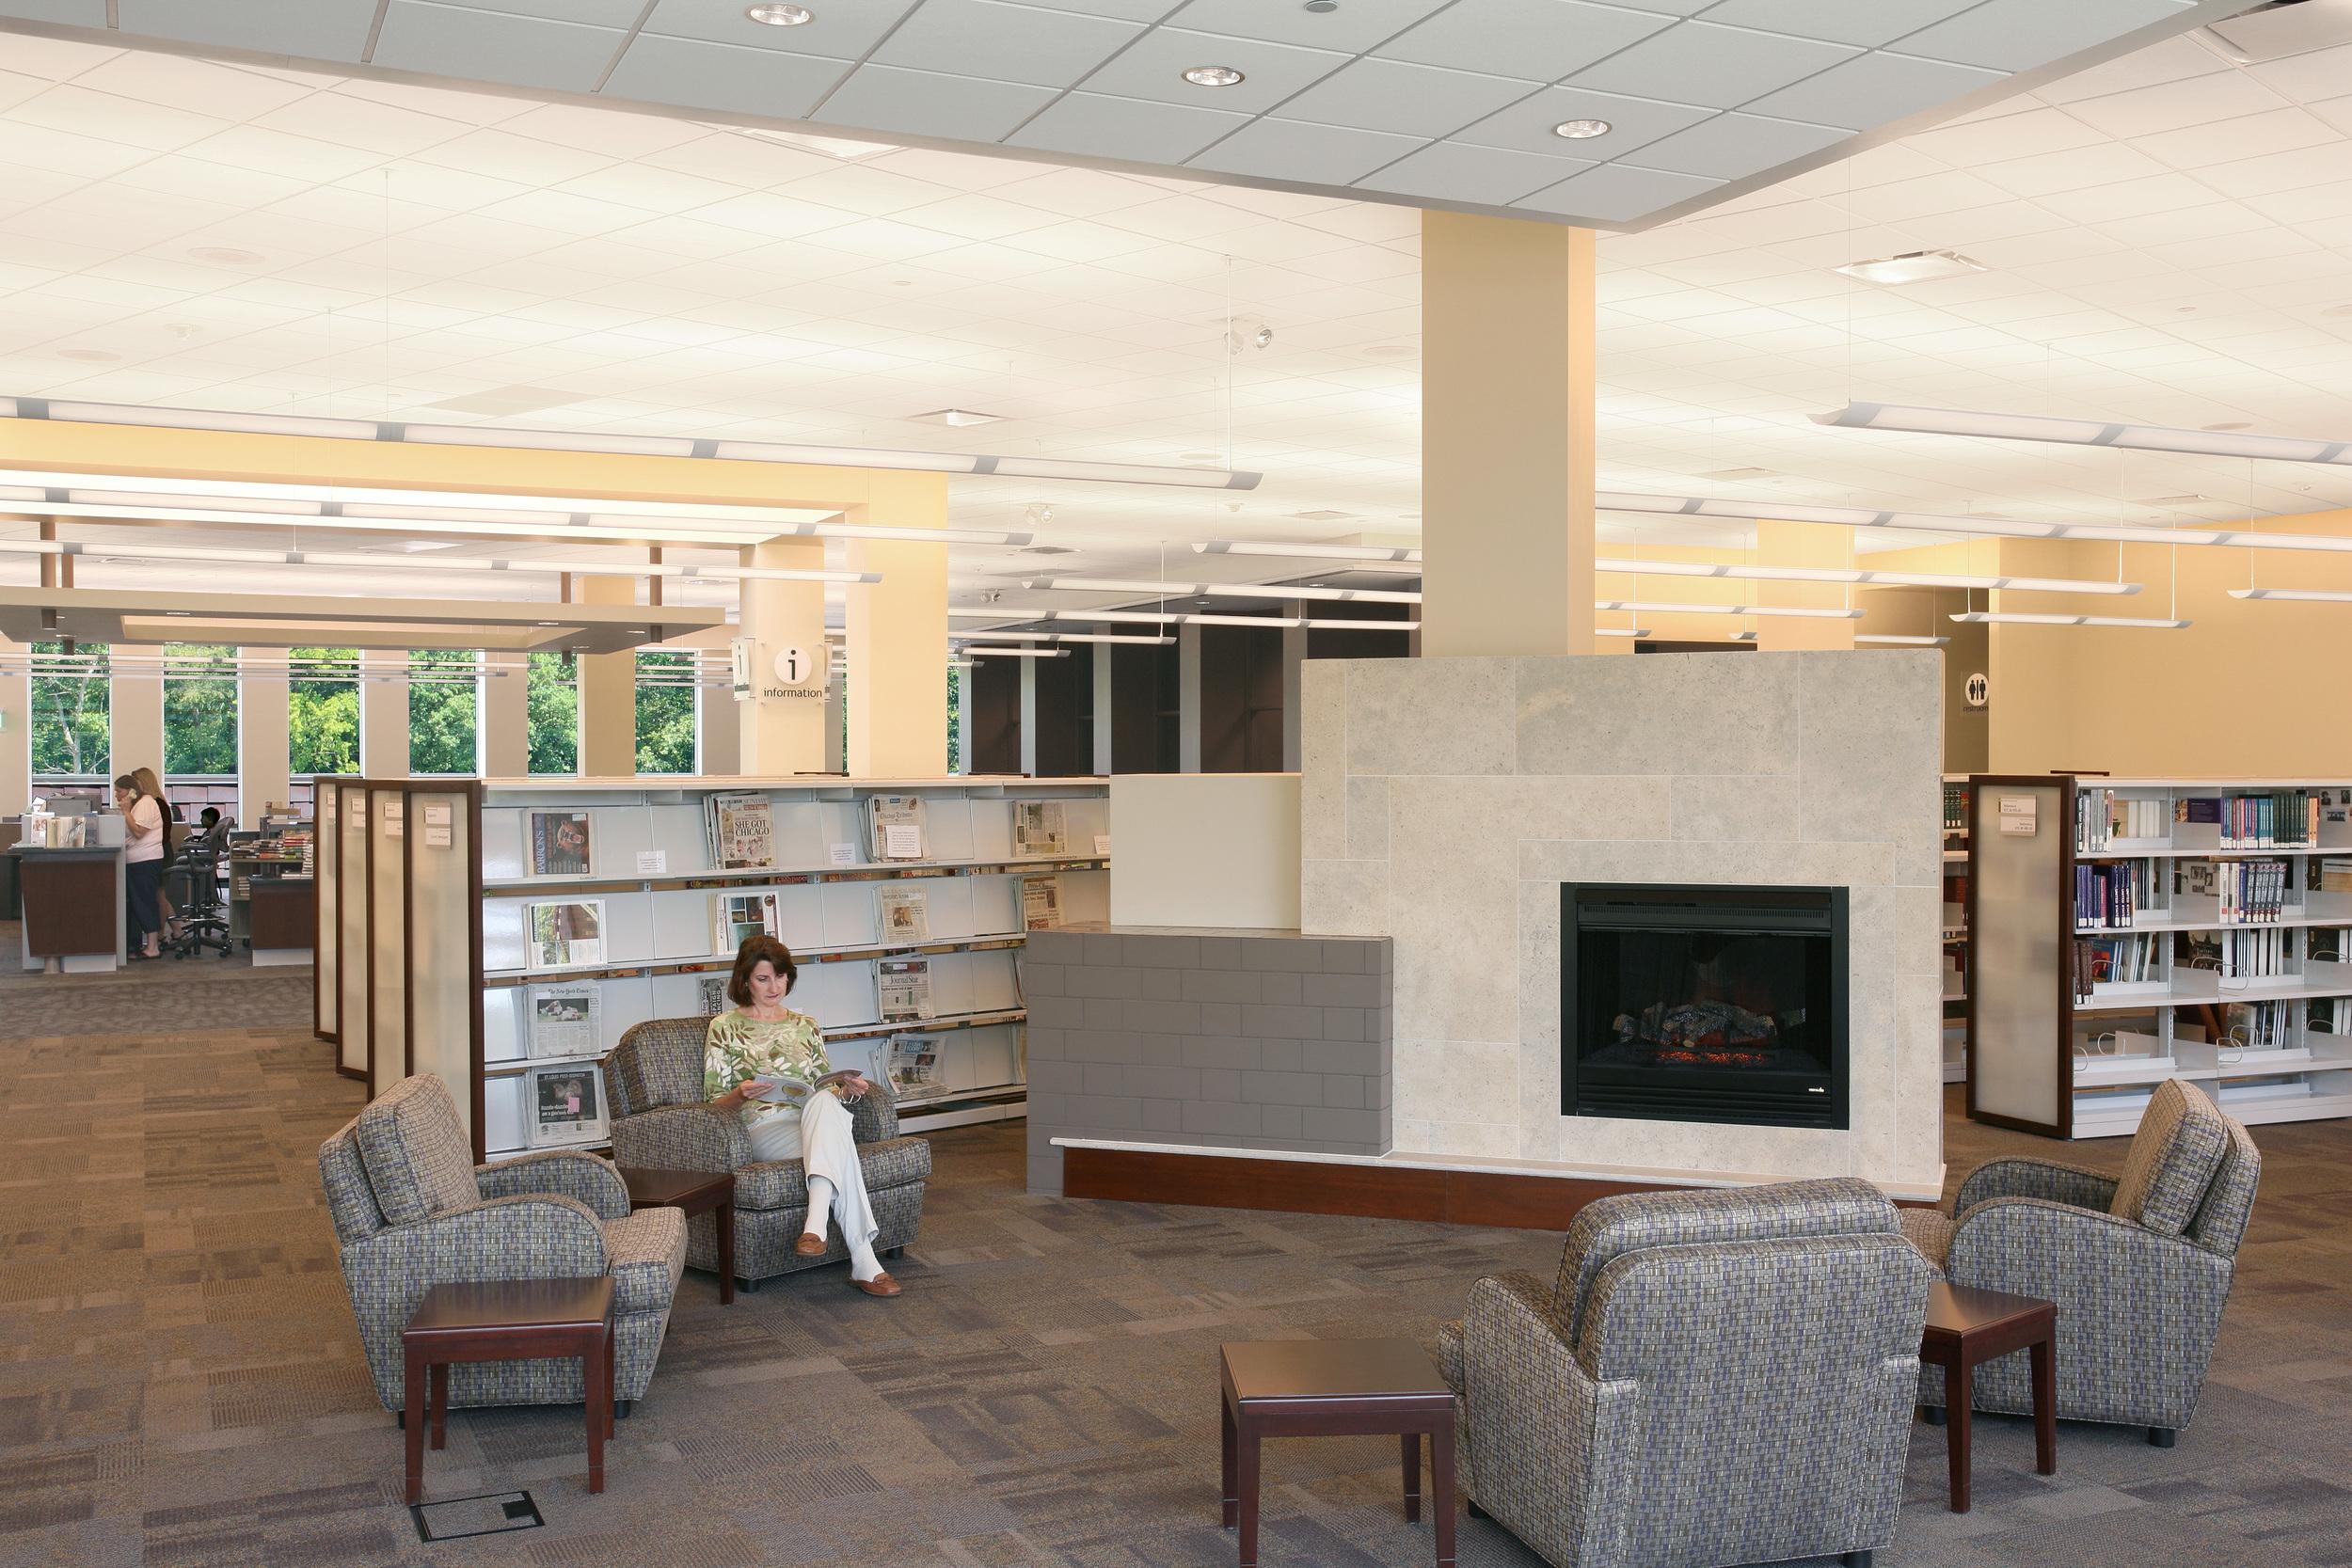 Moline Public Library